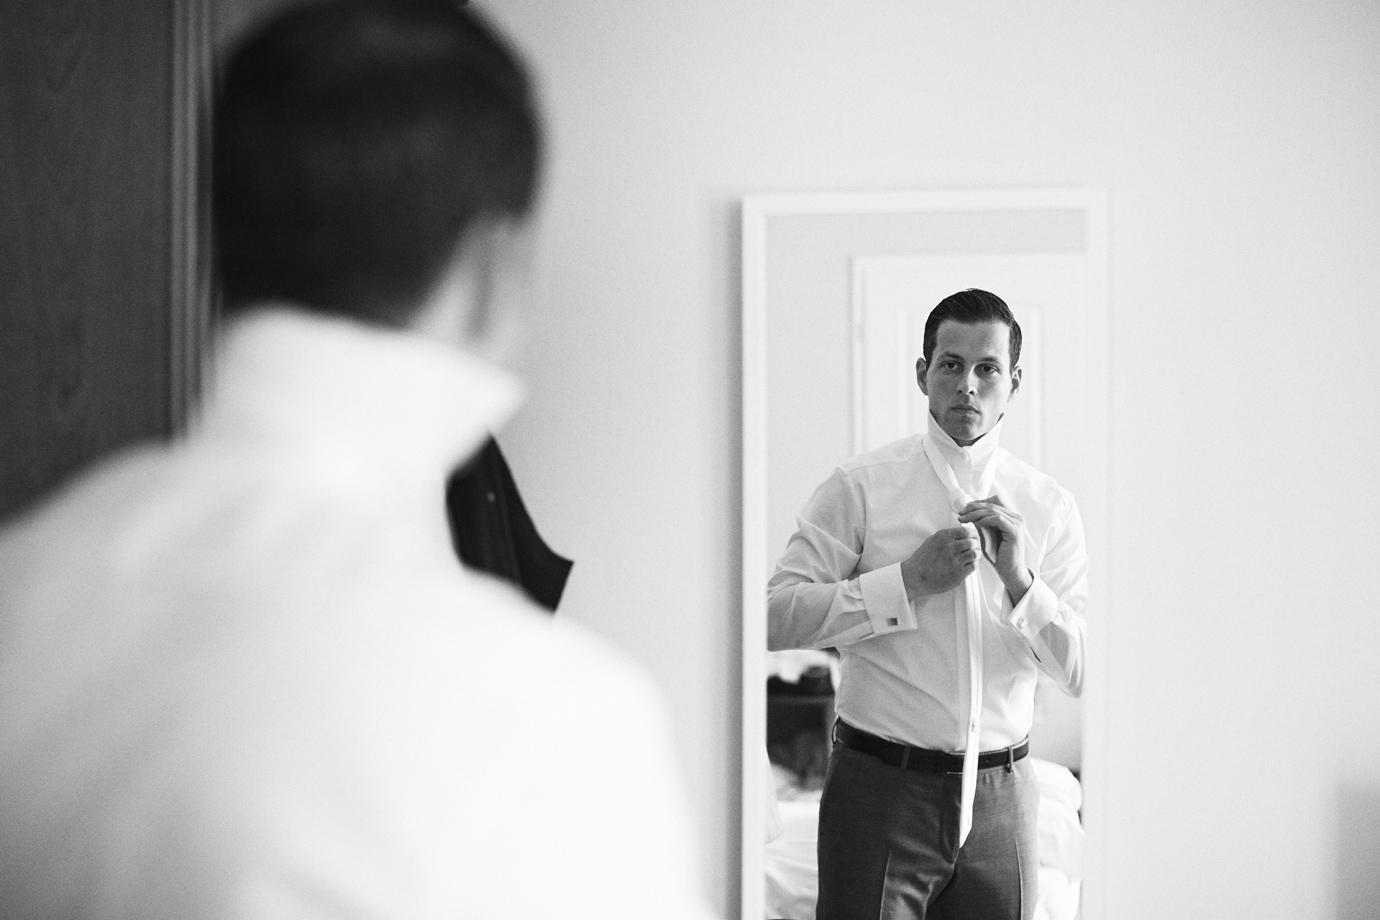 hochzeit vorbereitungen bräutigam